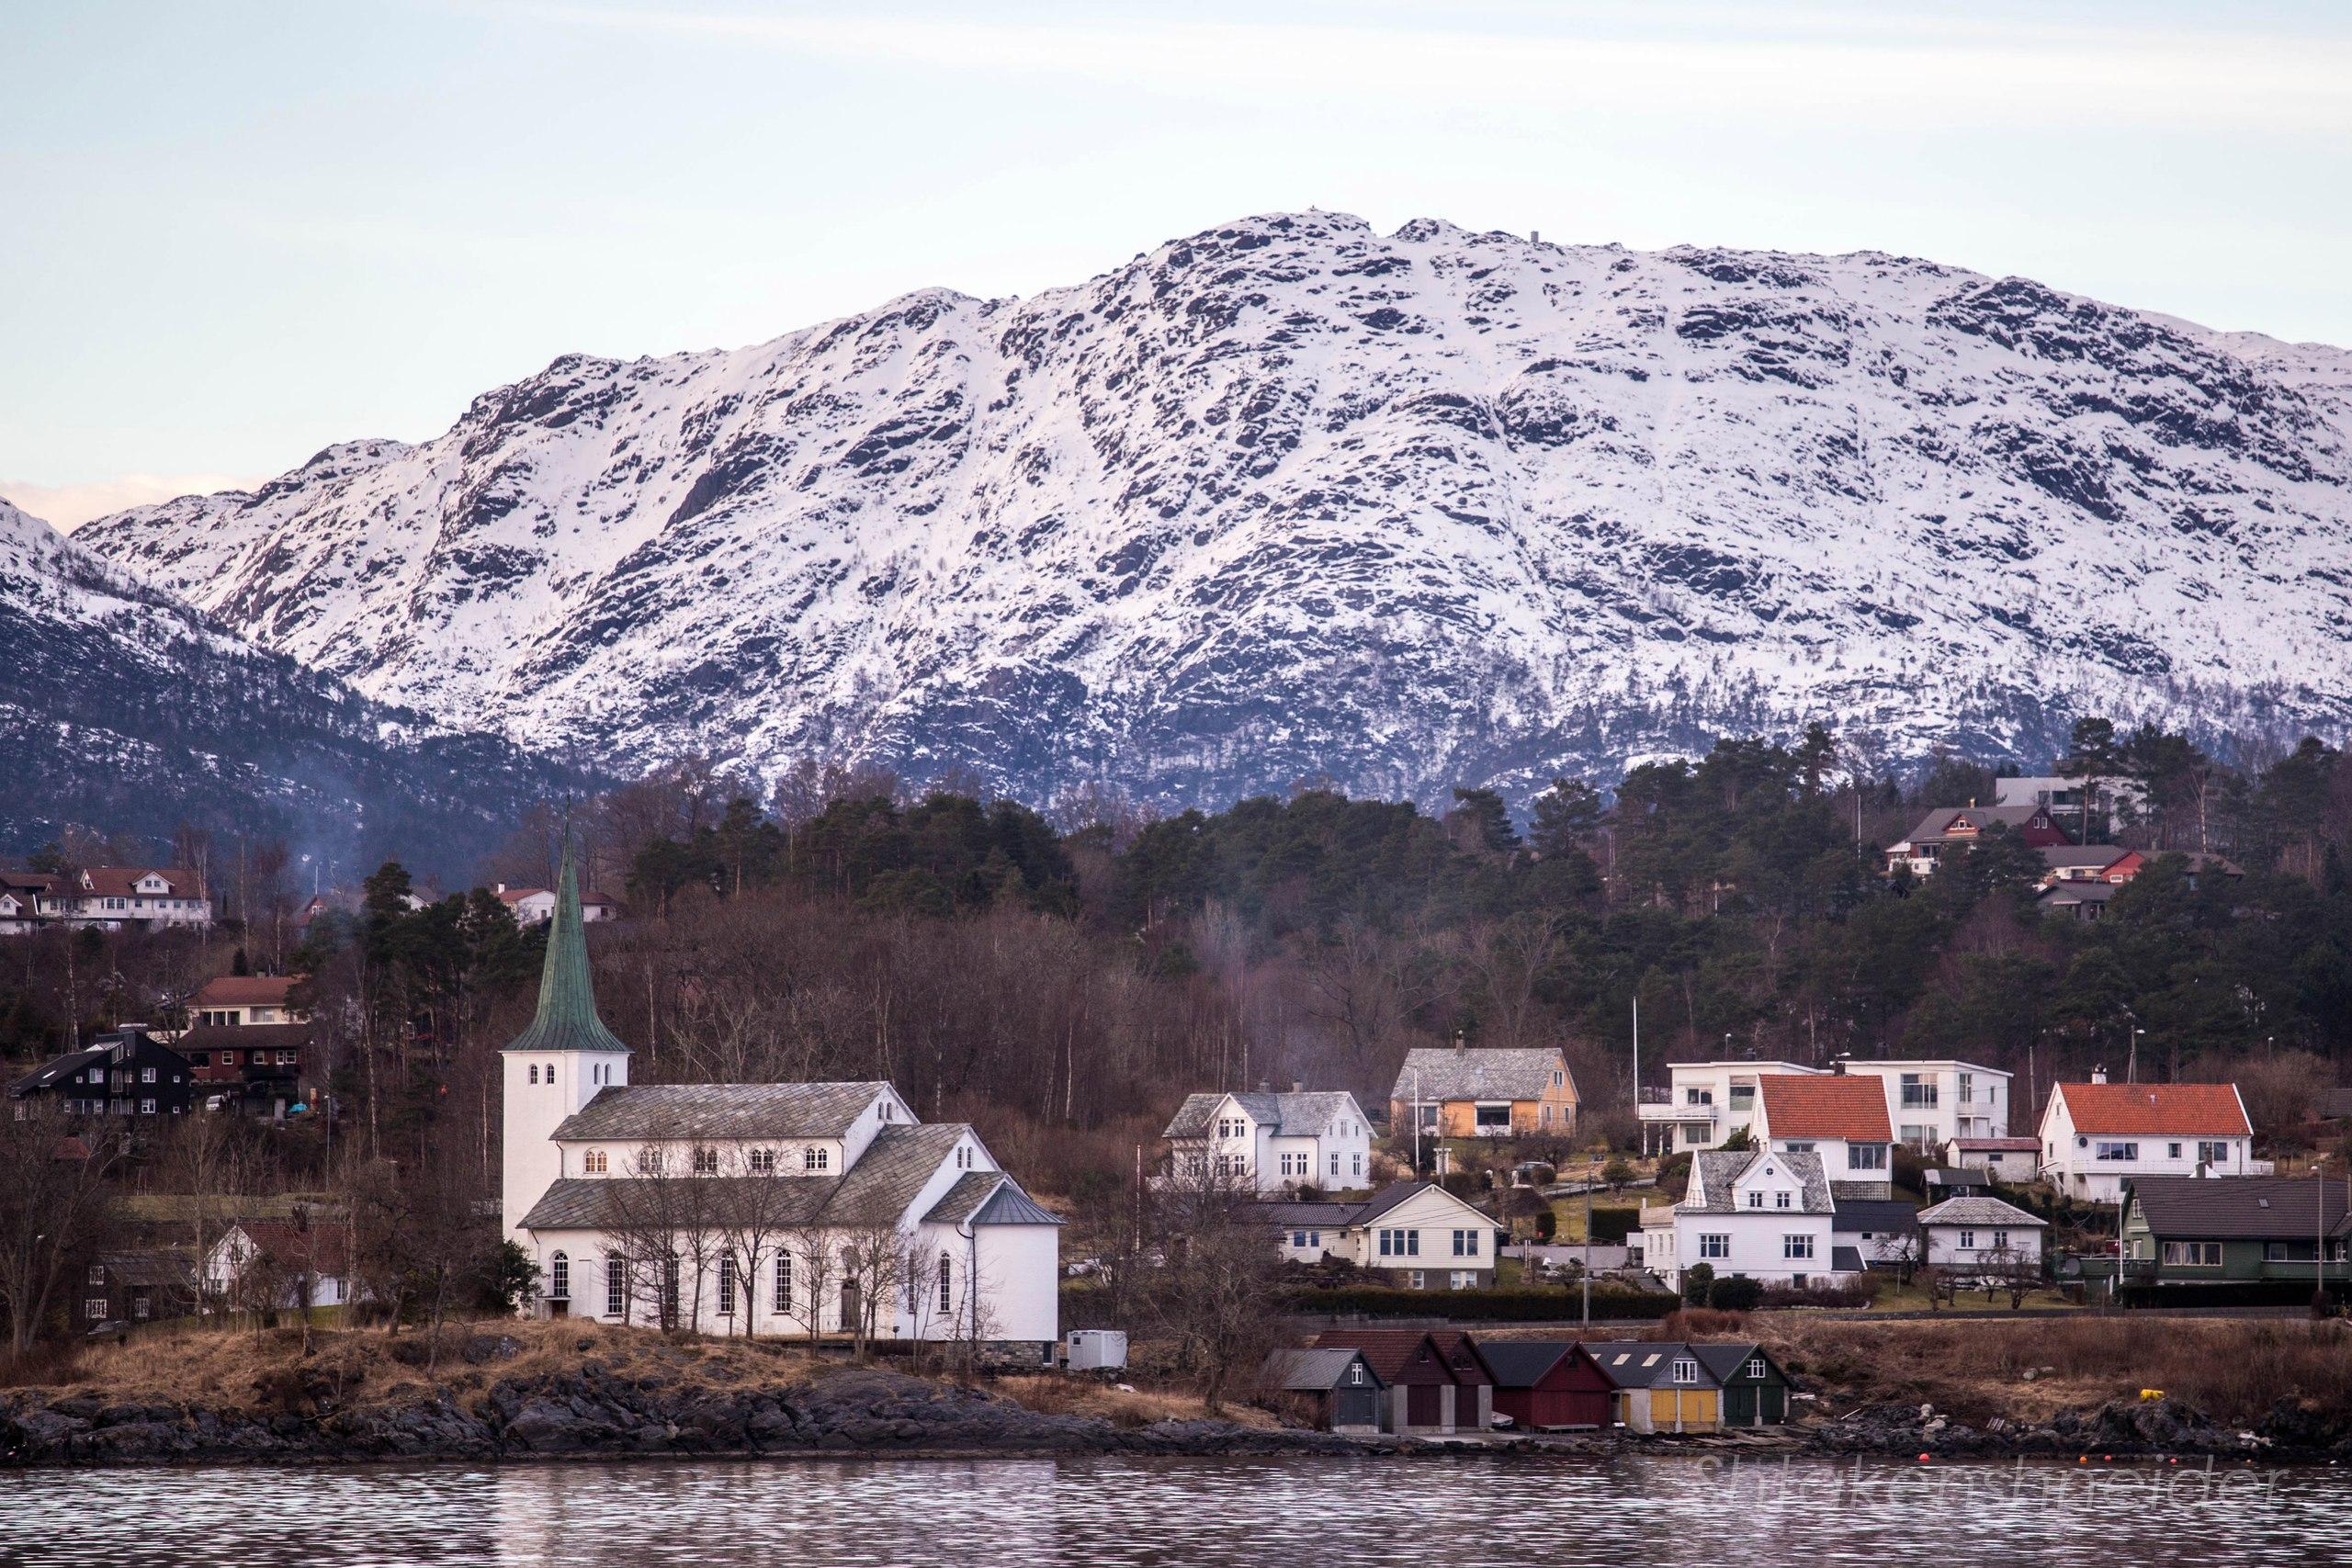 Фото Stord Kyrkje в Лейрвике, Норвегия.